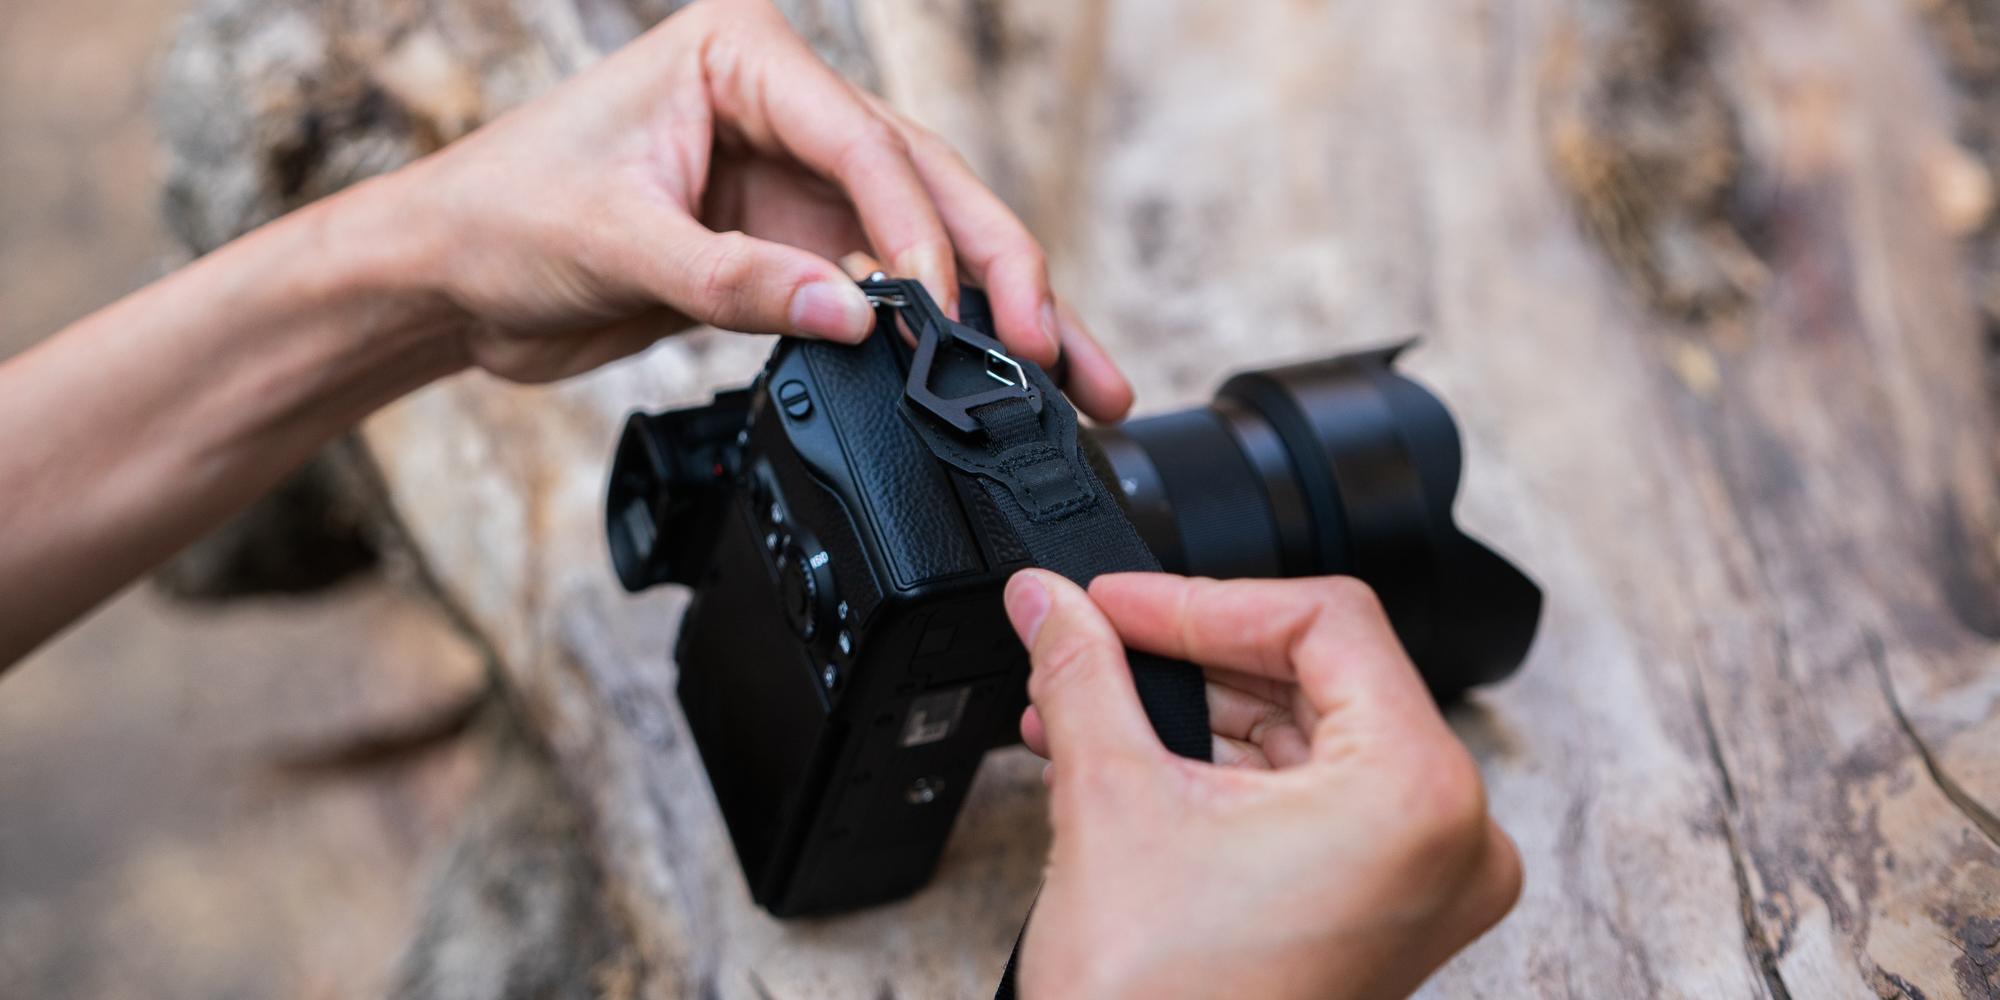 Wandrd Camera Wrist Strap - Lifting capacity up to 34kg!